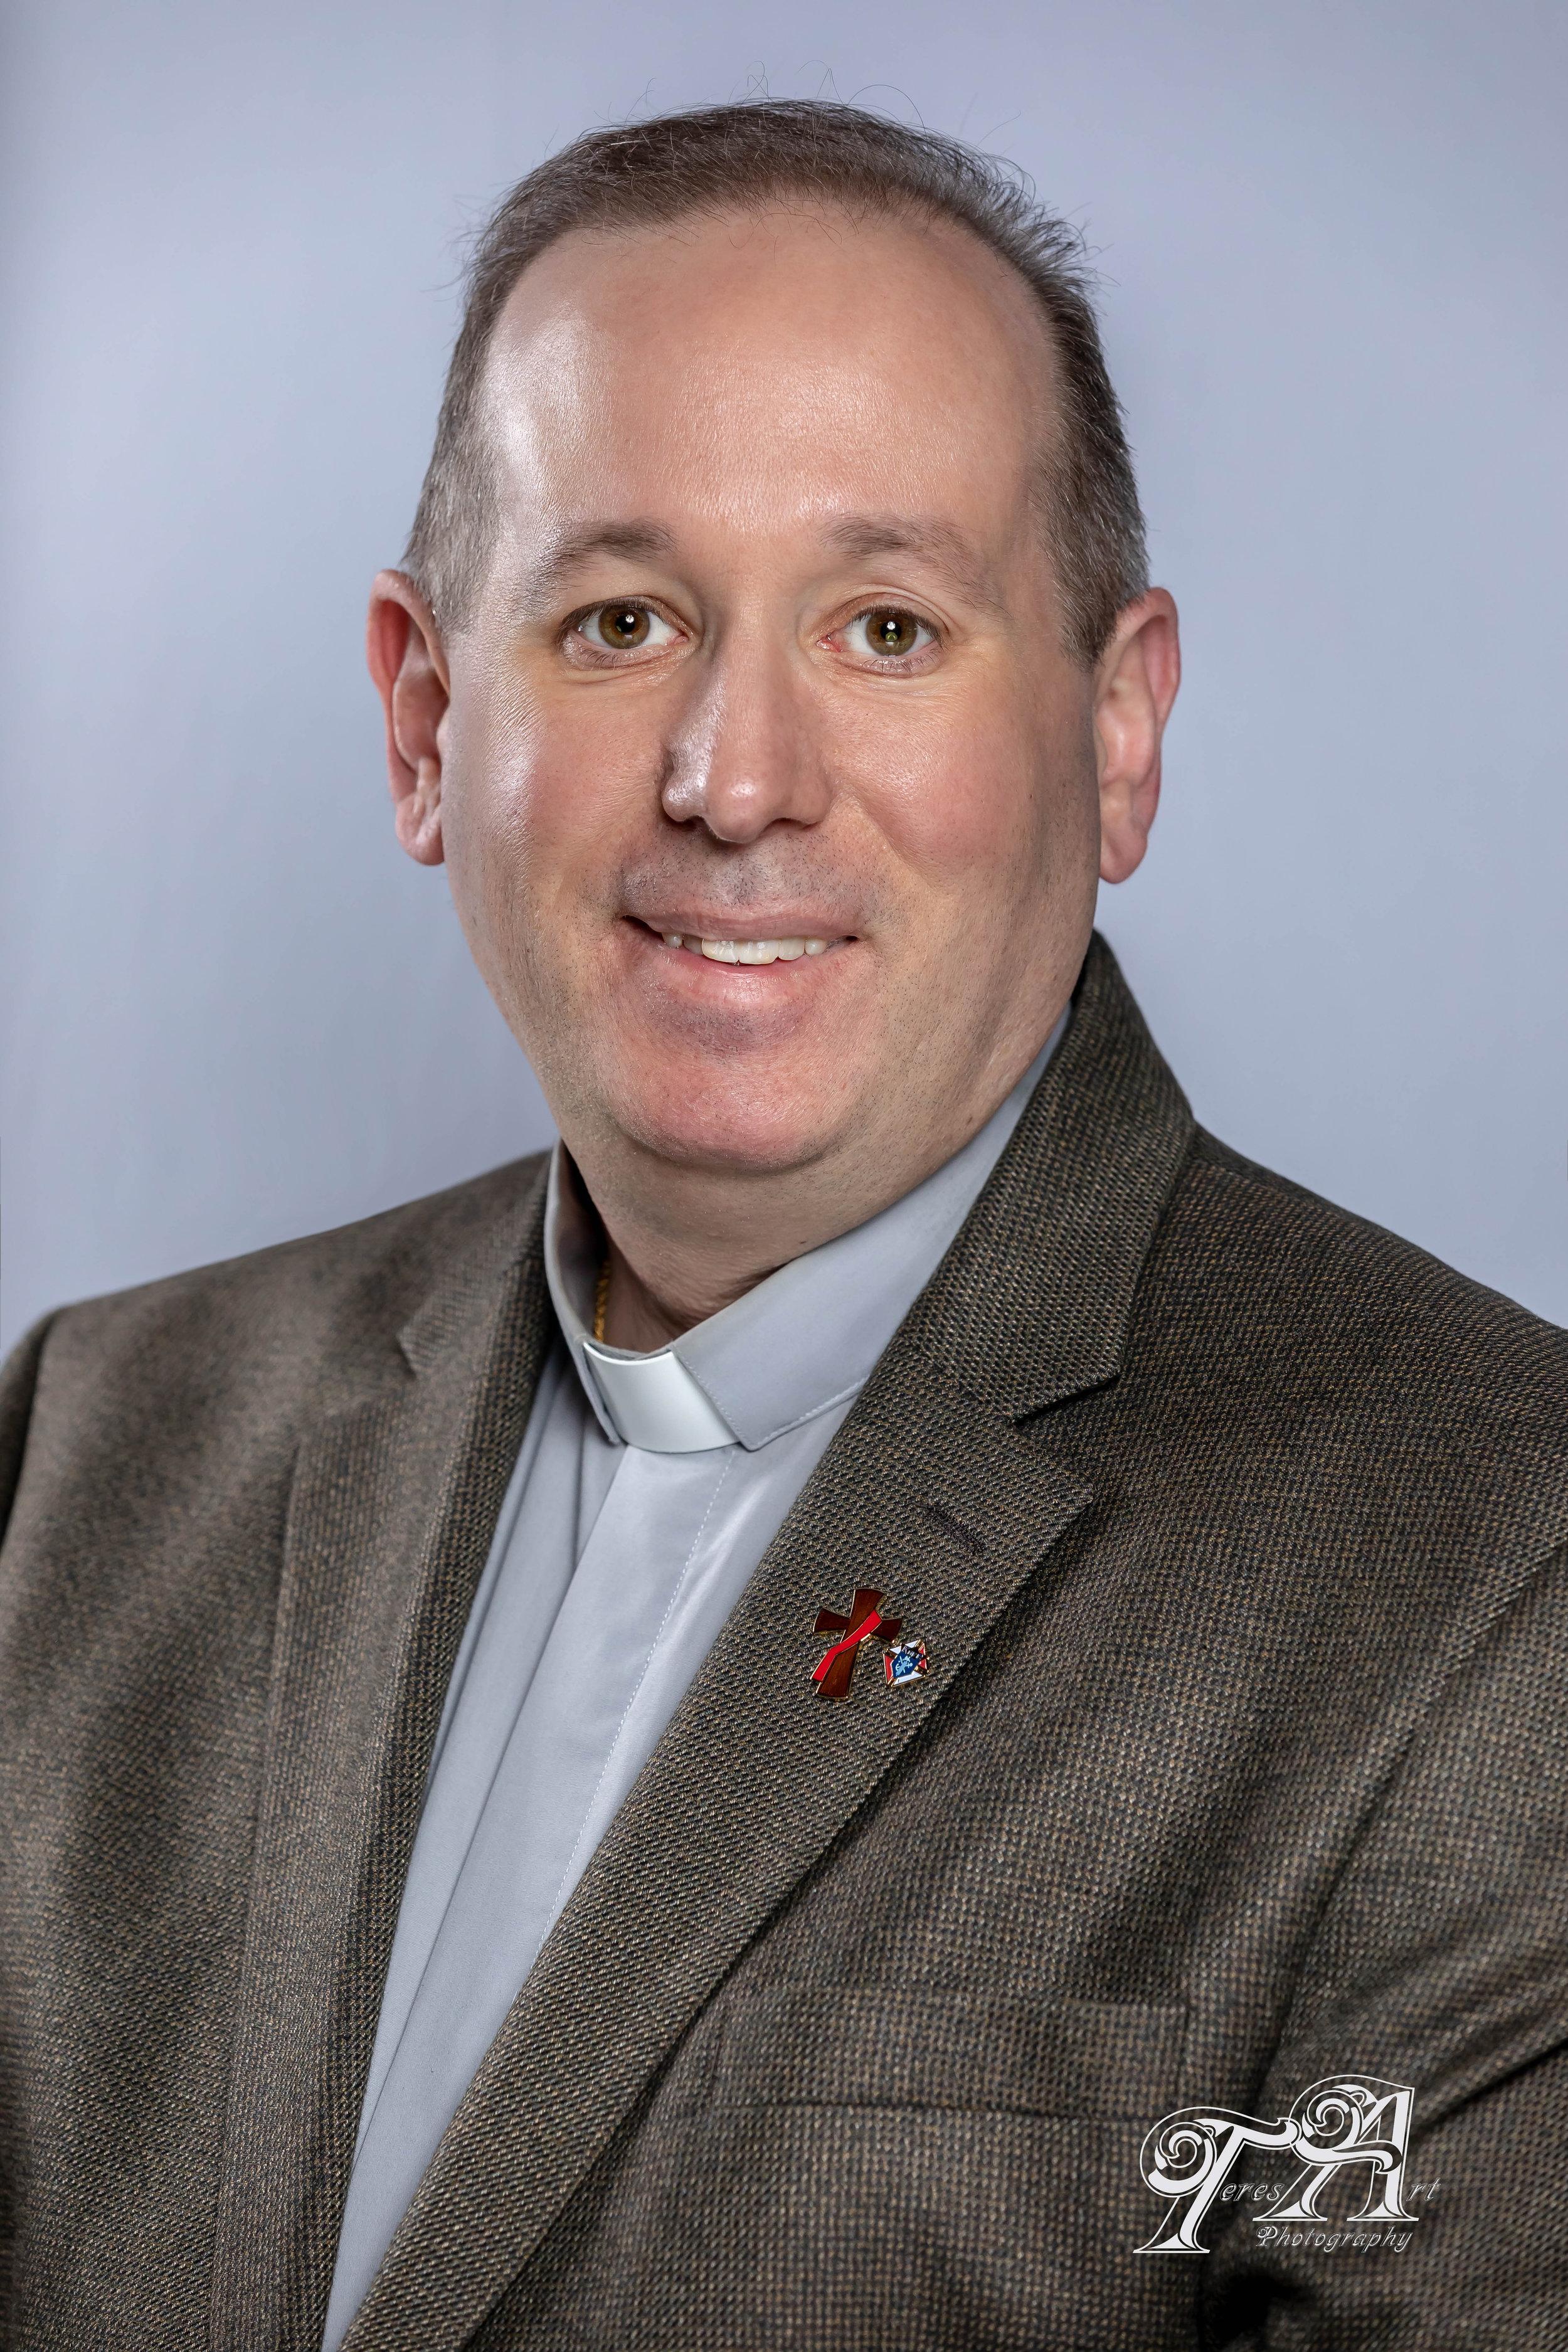 Deacon Kevin Heil - Coordinador de Educación ReligiosaCorreo Electrónico: KHeil@StBridgetUP.org